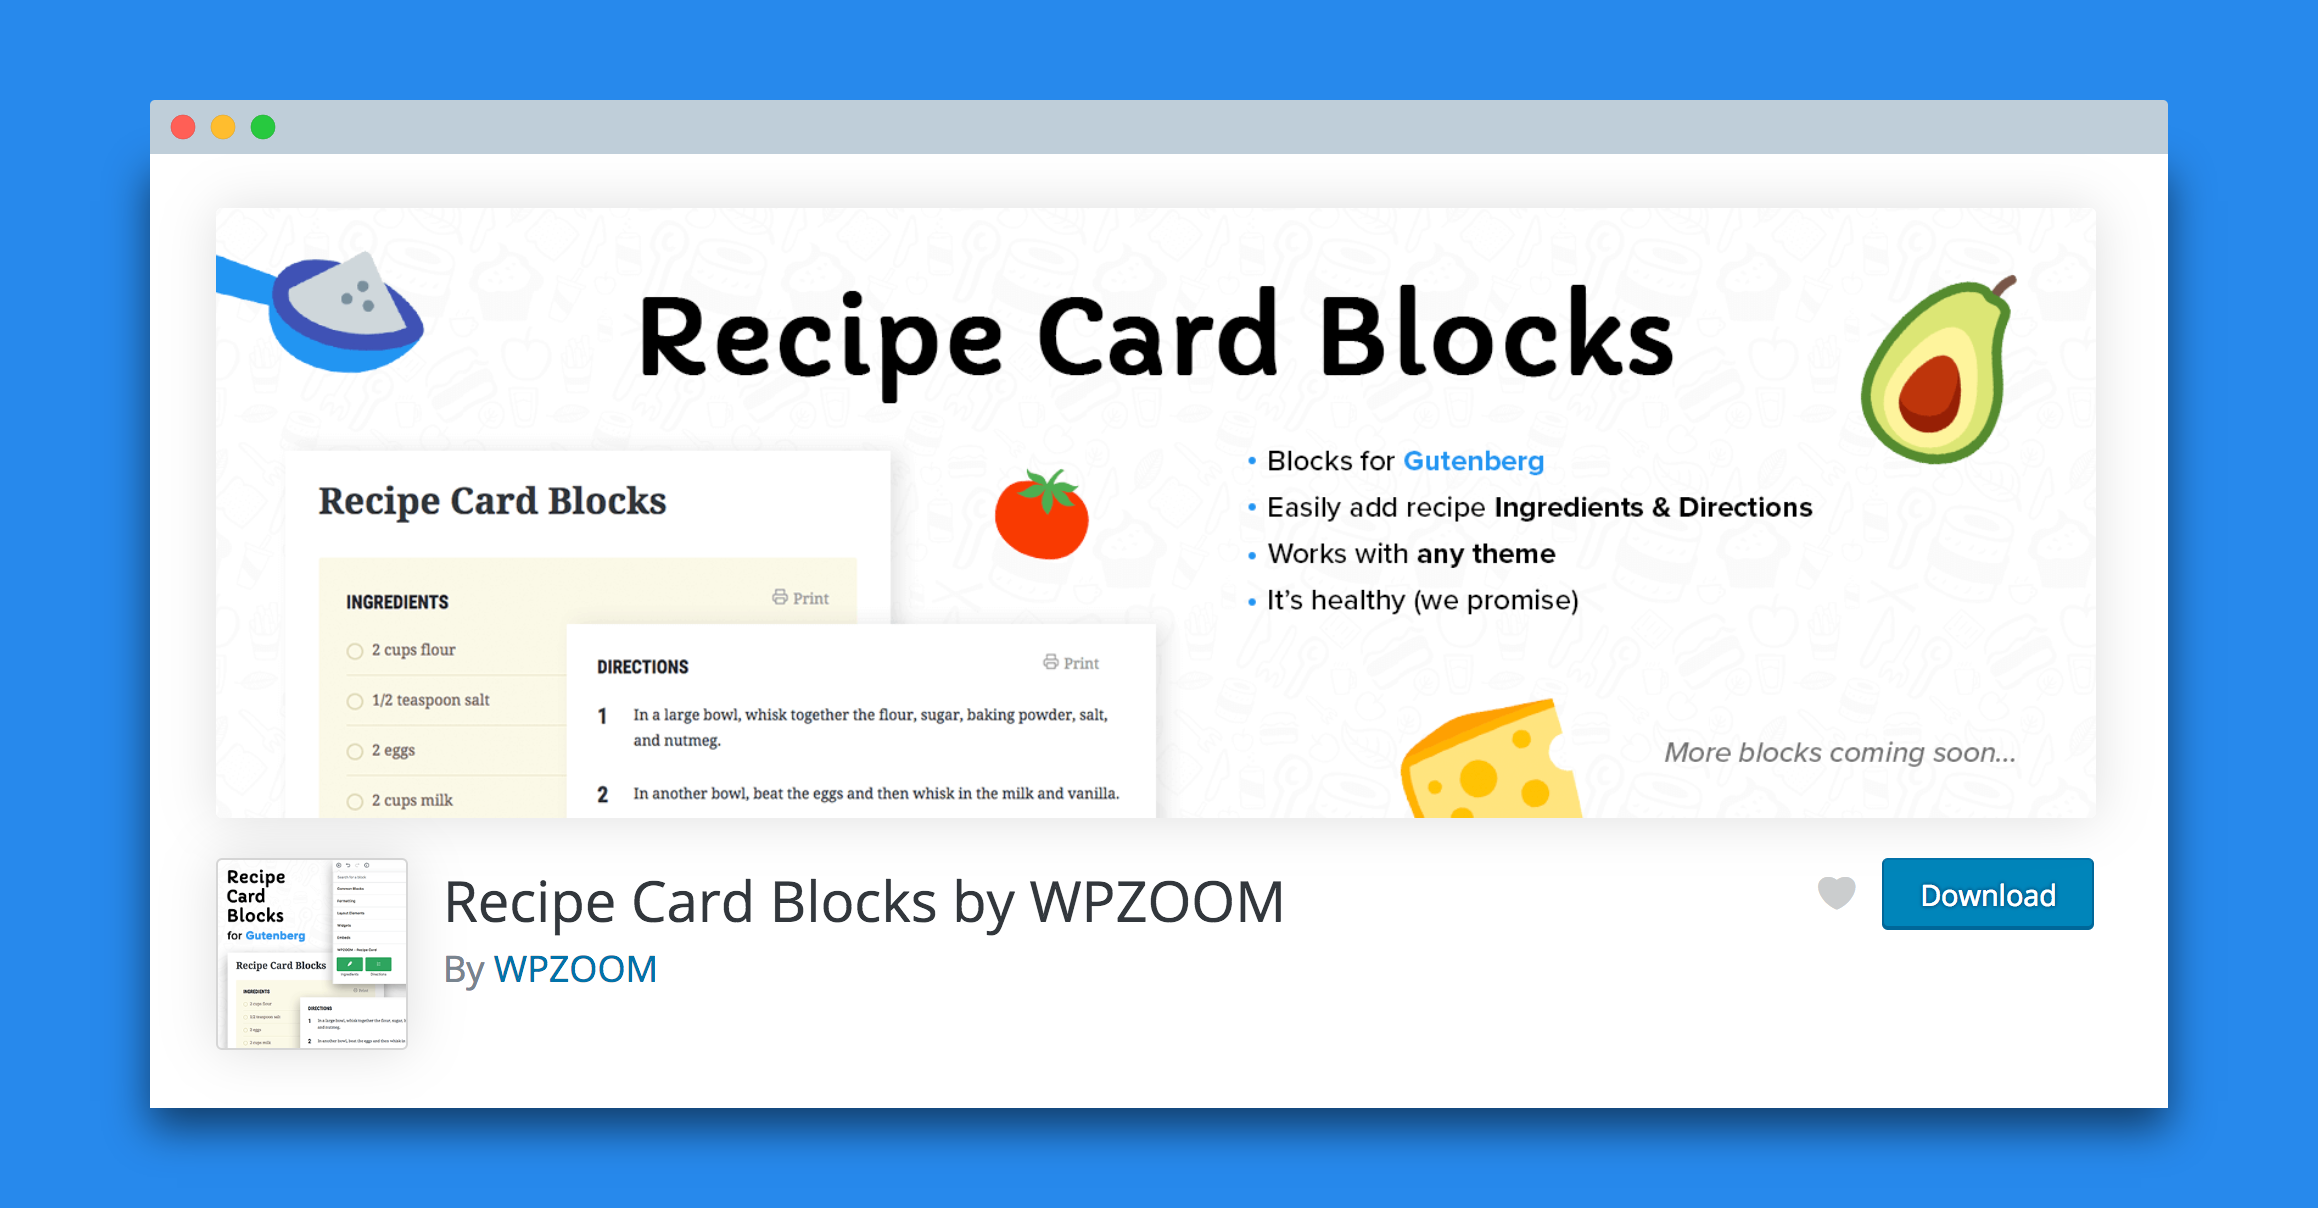 Recipe card blocks